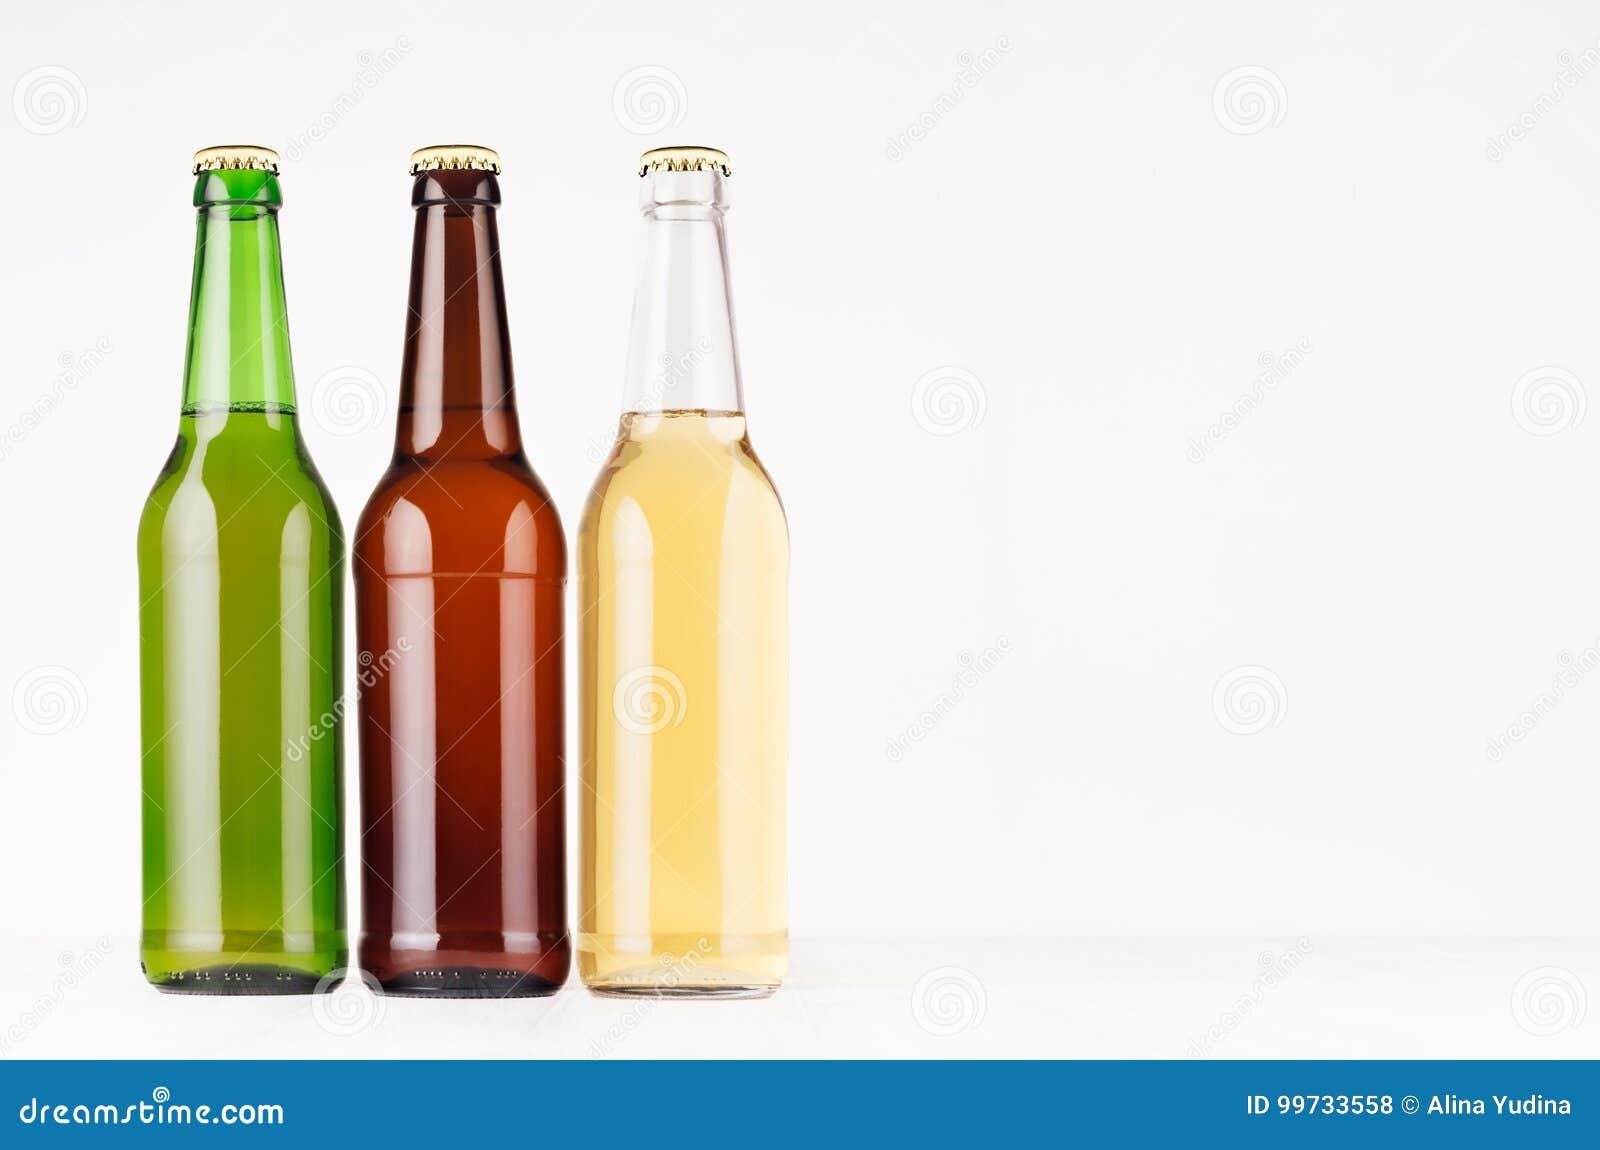 Καφετιά, πράσινα, διαφανή μπουκάλια μπύρας longneck 500ml, χλεύη επάνω Πρότυπο για τη διαφήμιση, σχέδιο, ταυτότητα μαρκαρίσματος